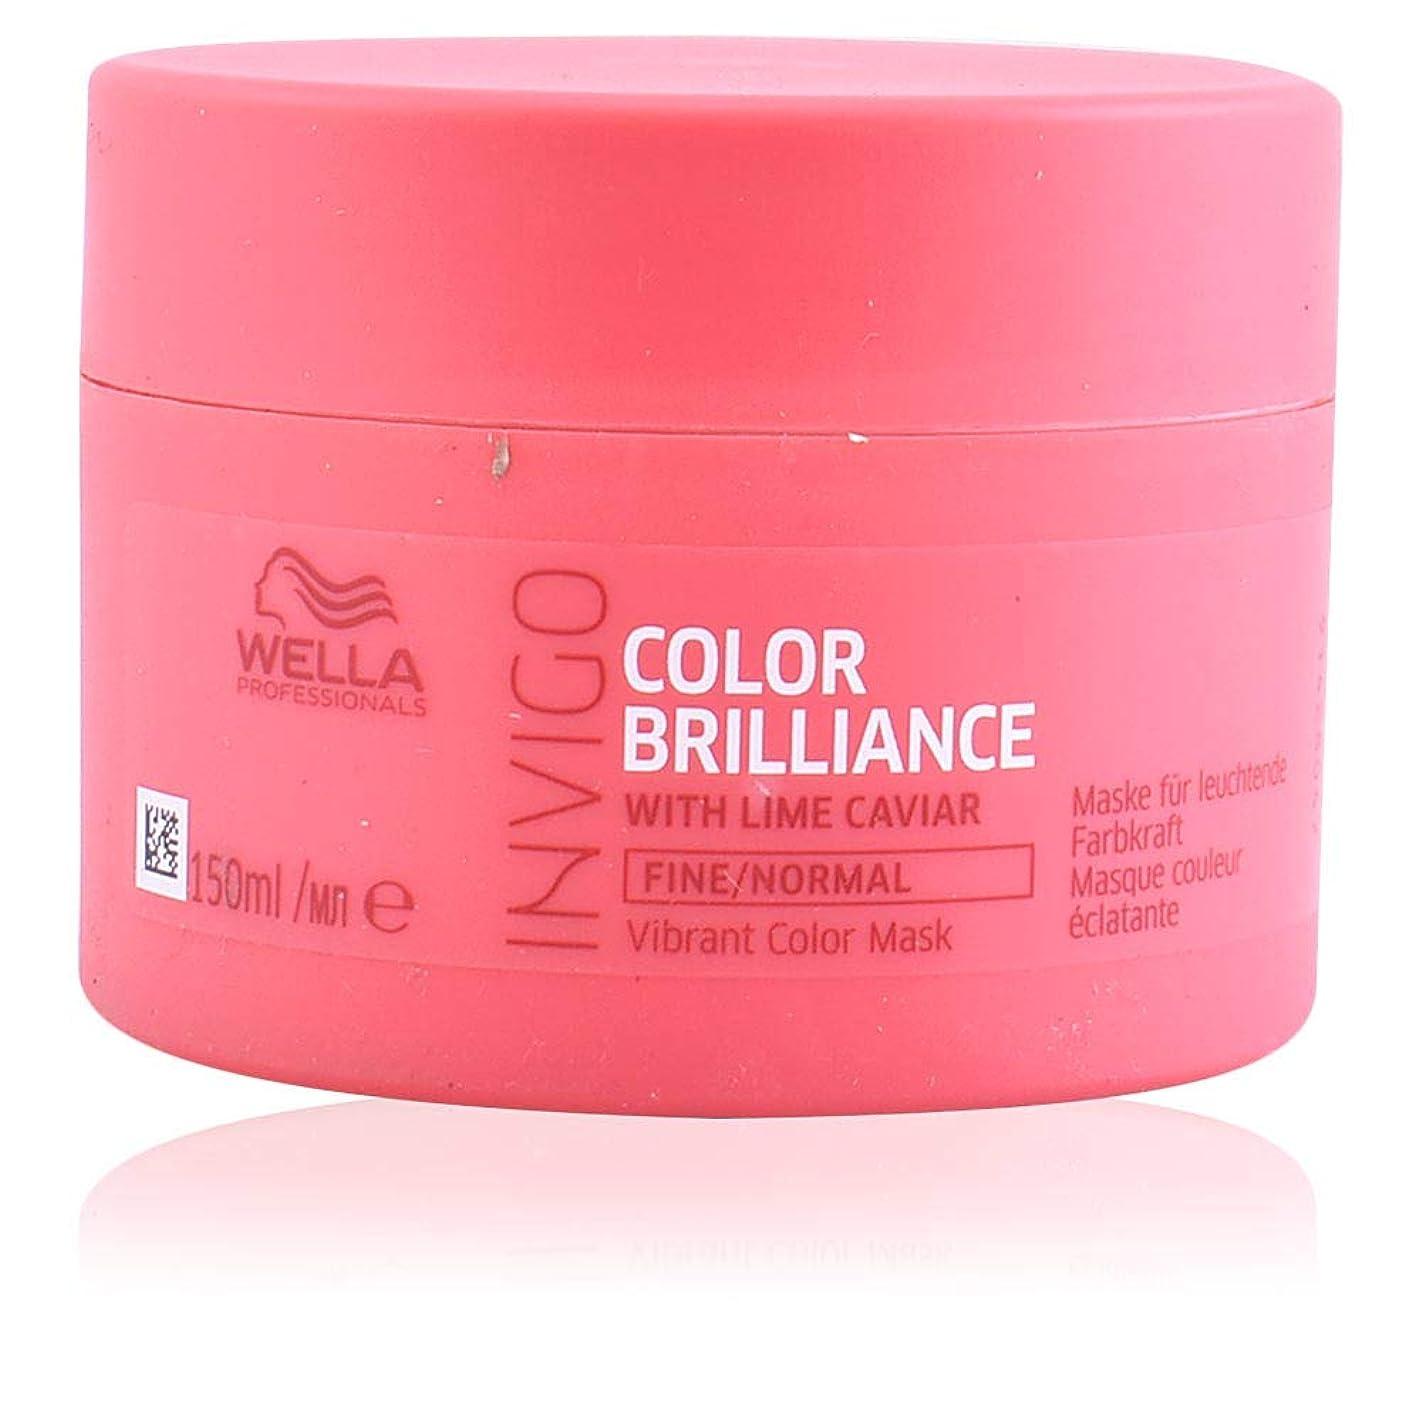 合法電卓こどもセンターウエラ インヴィゴ ファイン/ノーマル カラー マスク Wella Invigo Color Brilliance With Lime Caviar Fine/Normal Vibrant Color Mask 150 ml [並行輸入品]